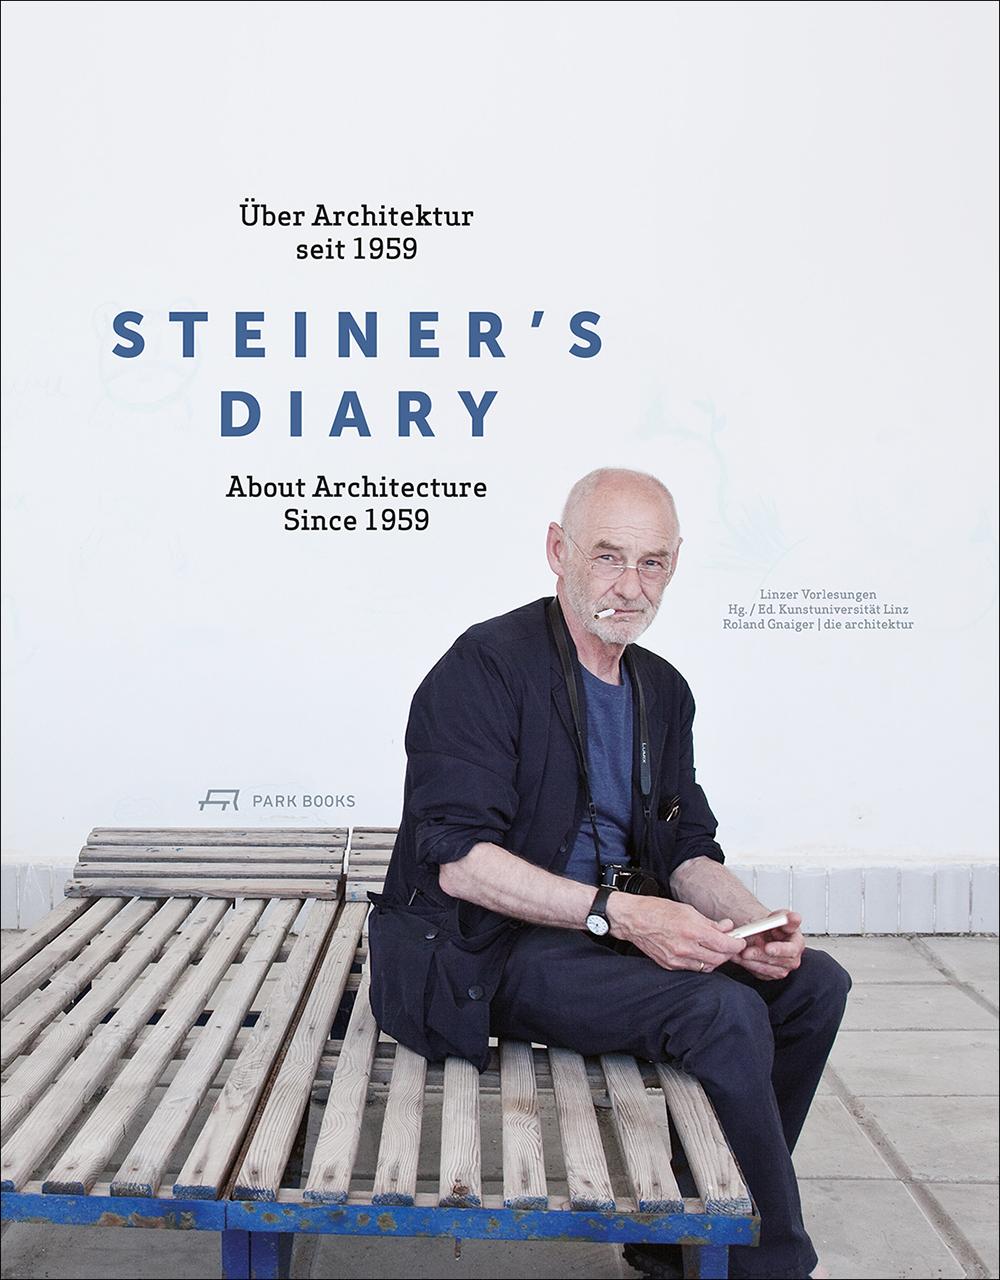 Steiner, Dietmar,Roland Gnaiger –  Steiner's diary: überArchitekturseit 1959 = Steiner's diary: about architecture since 1959.